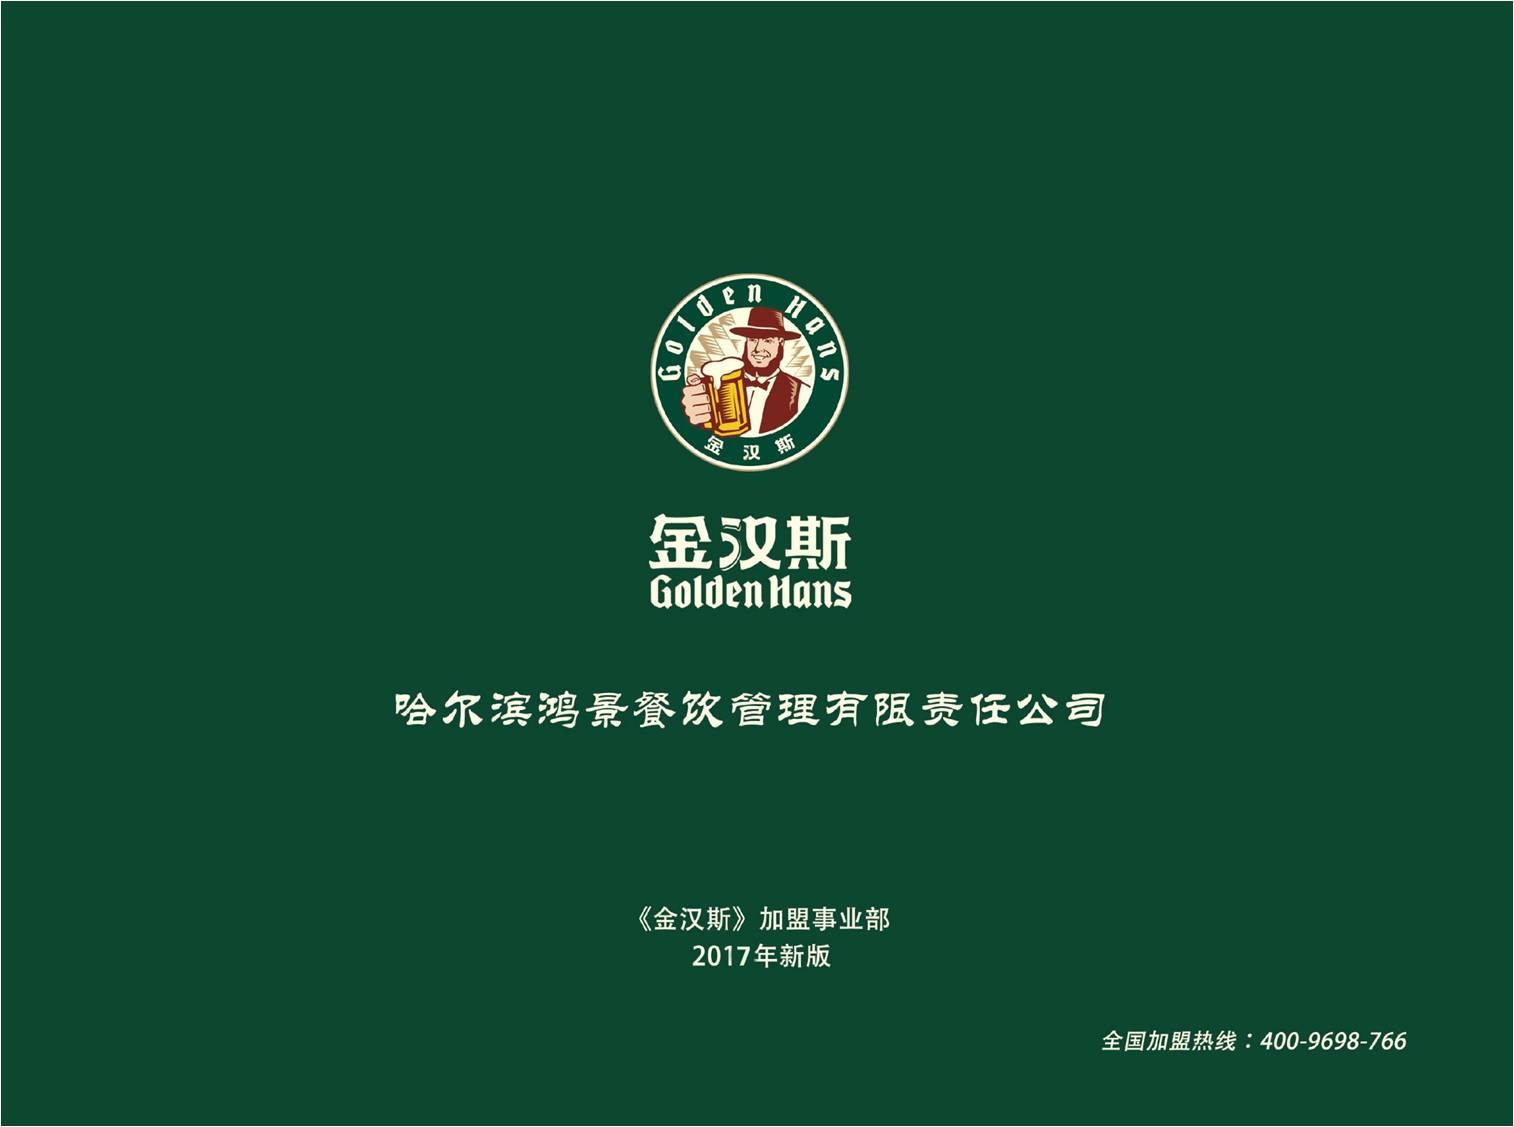 金漢斯加盟手冊2017版